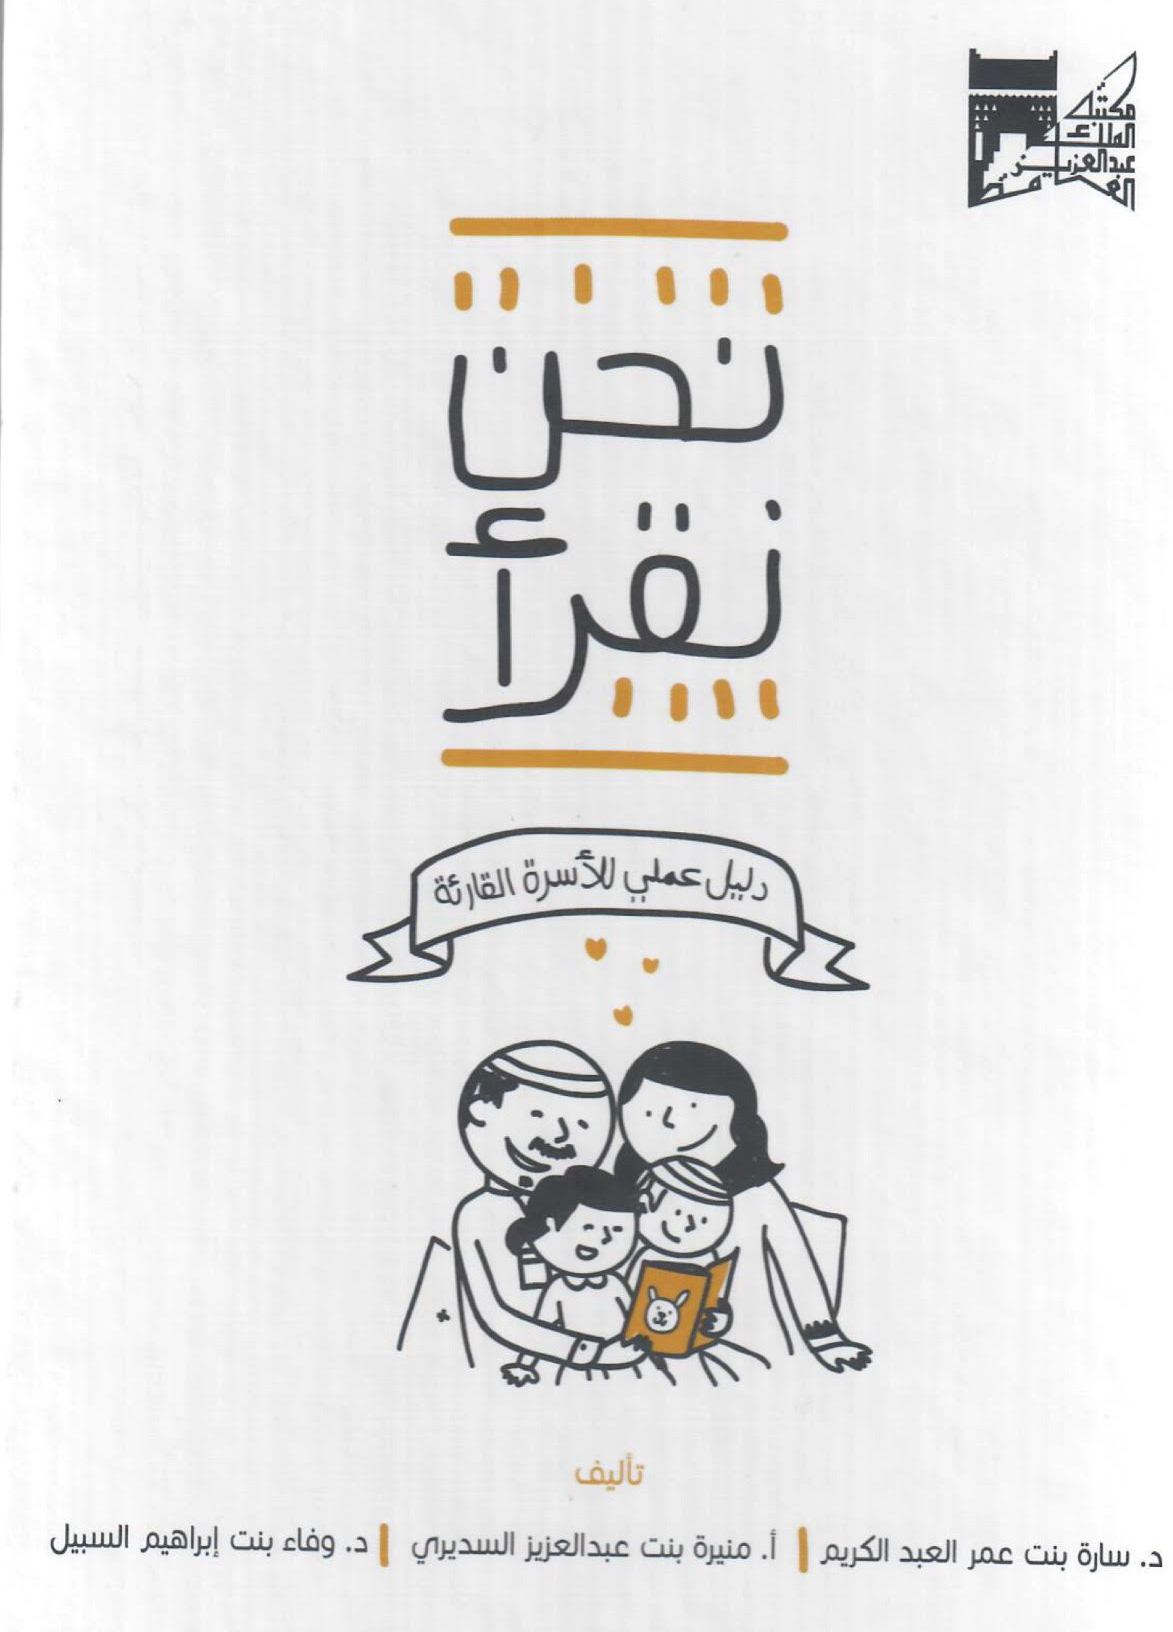 دليل عملي للأسرة القارئة وقصة طلال والطعام (2)